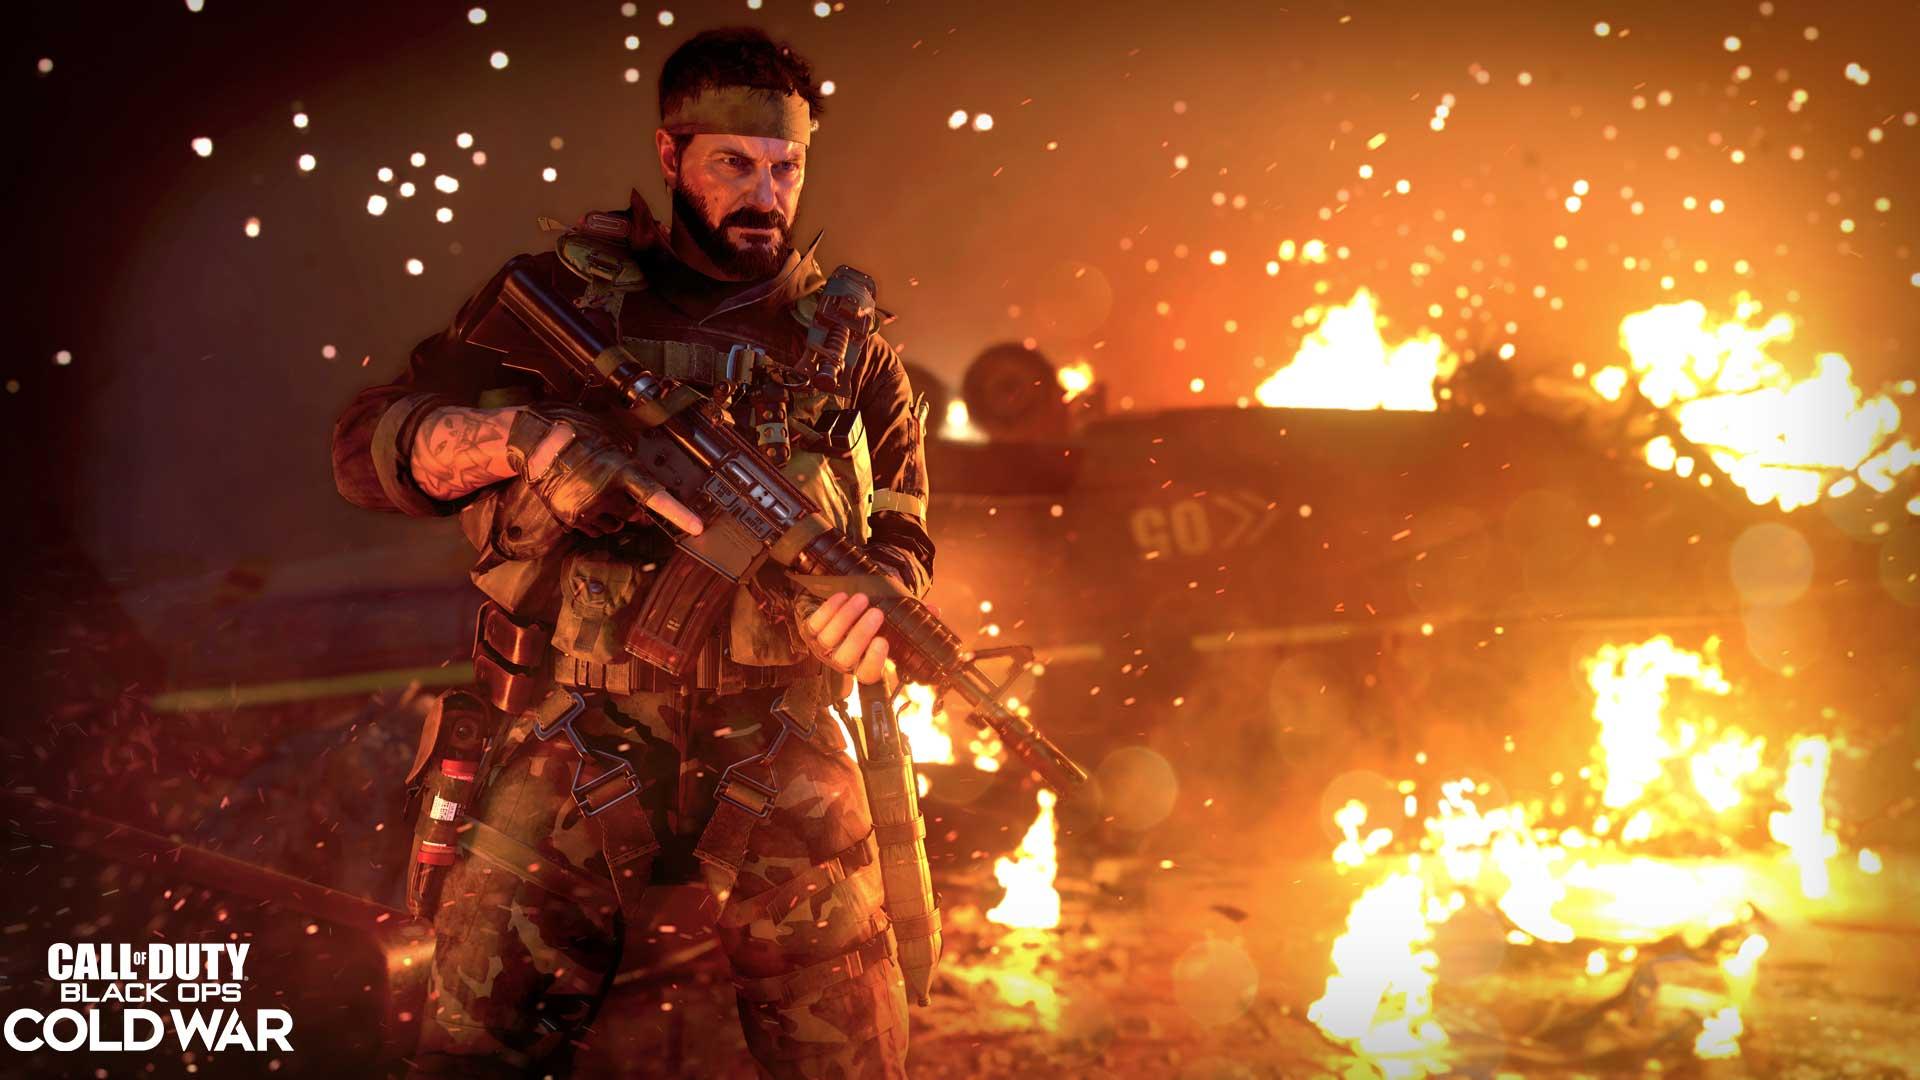 Comment réparer les faibles fréquences d'images sur PS5 dans Black Ops Cold War